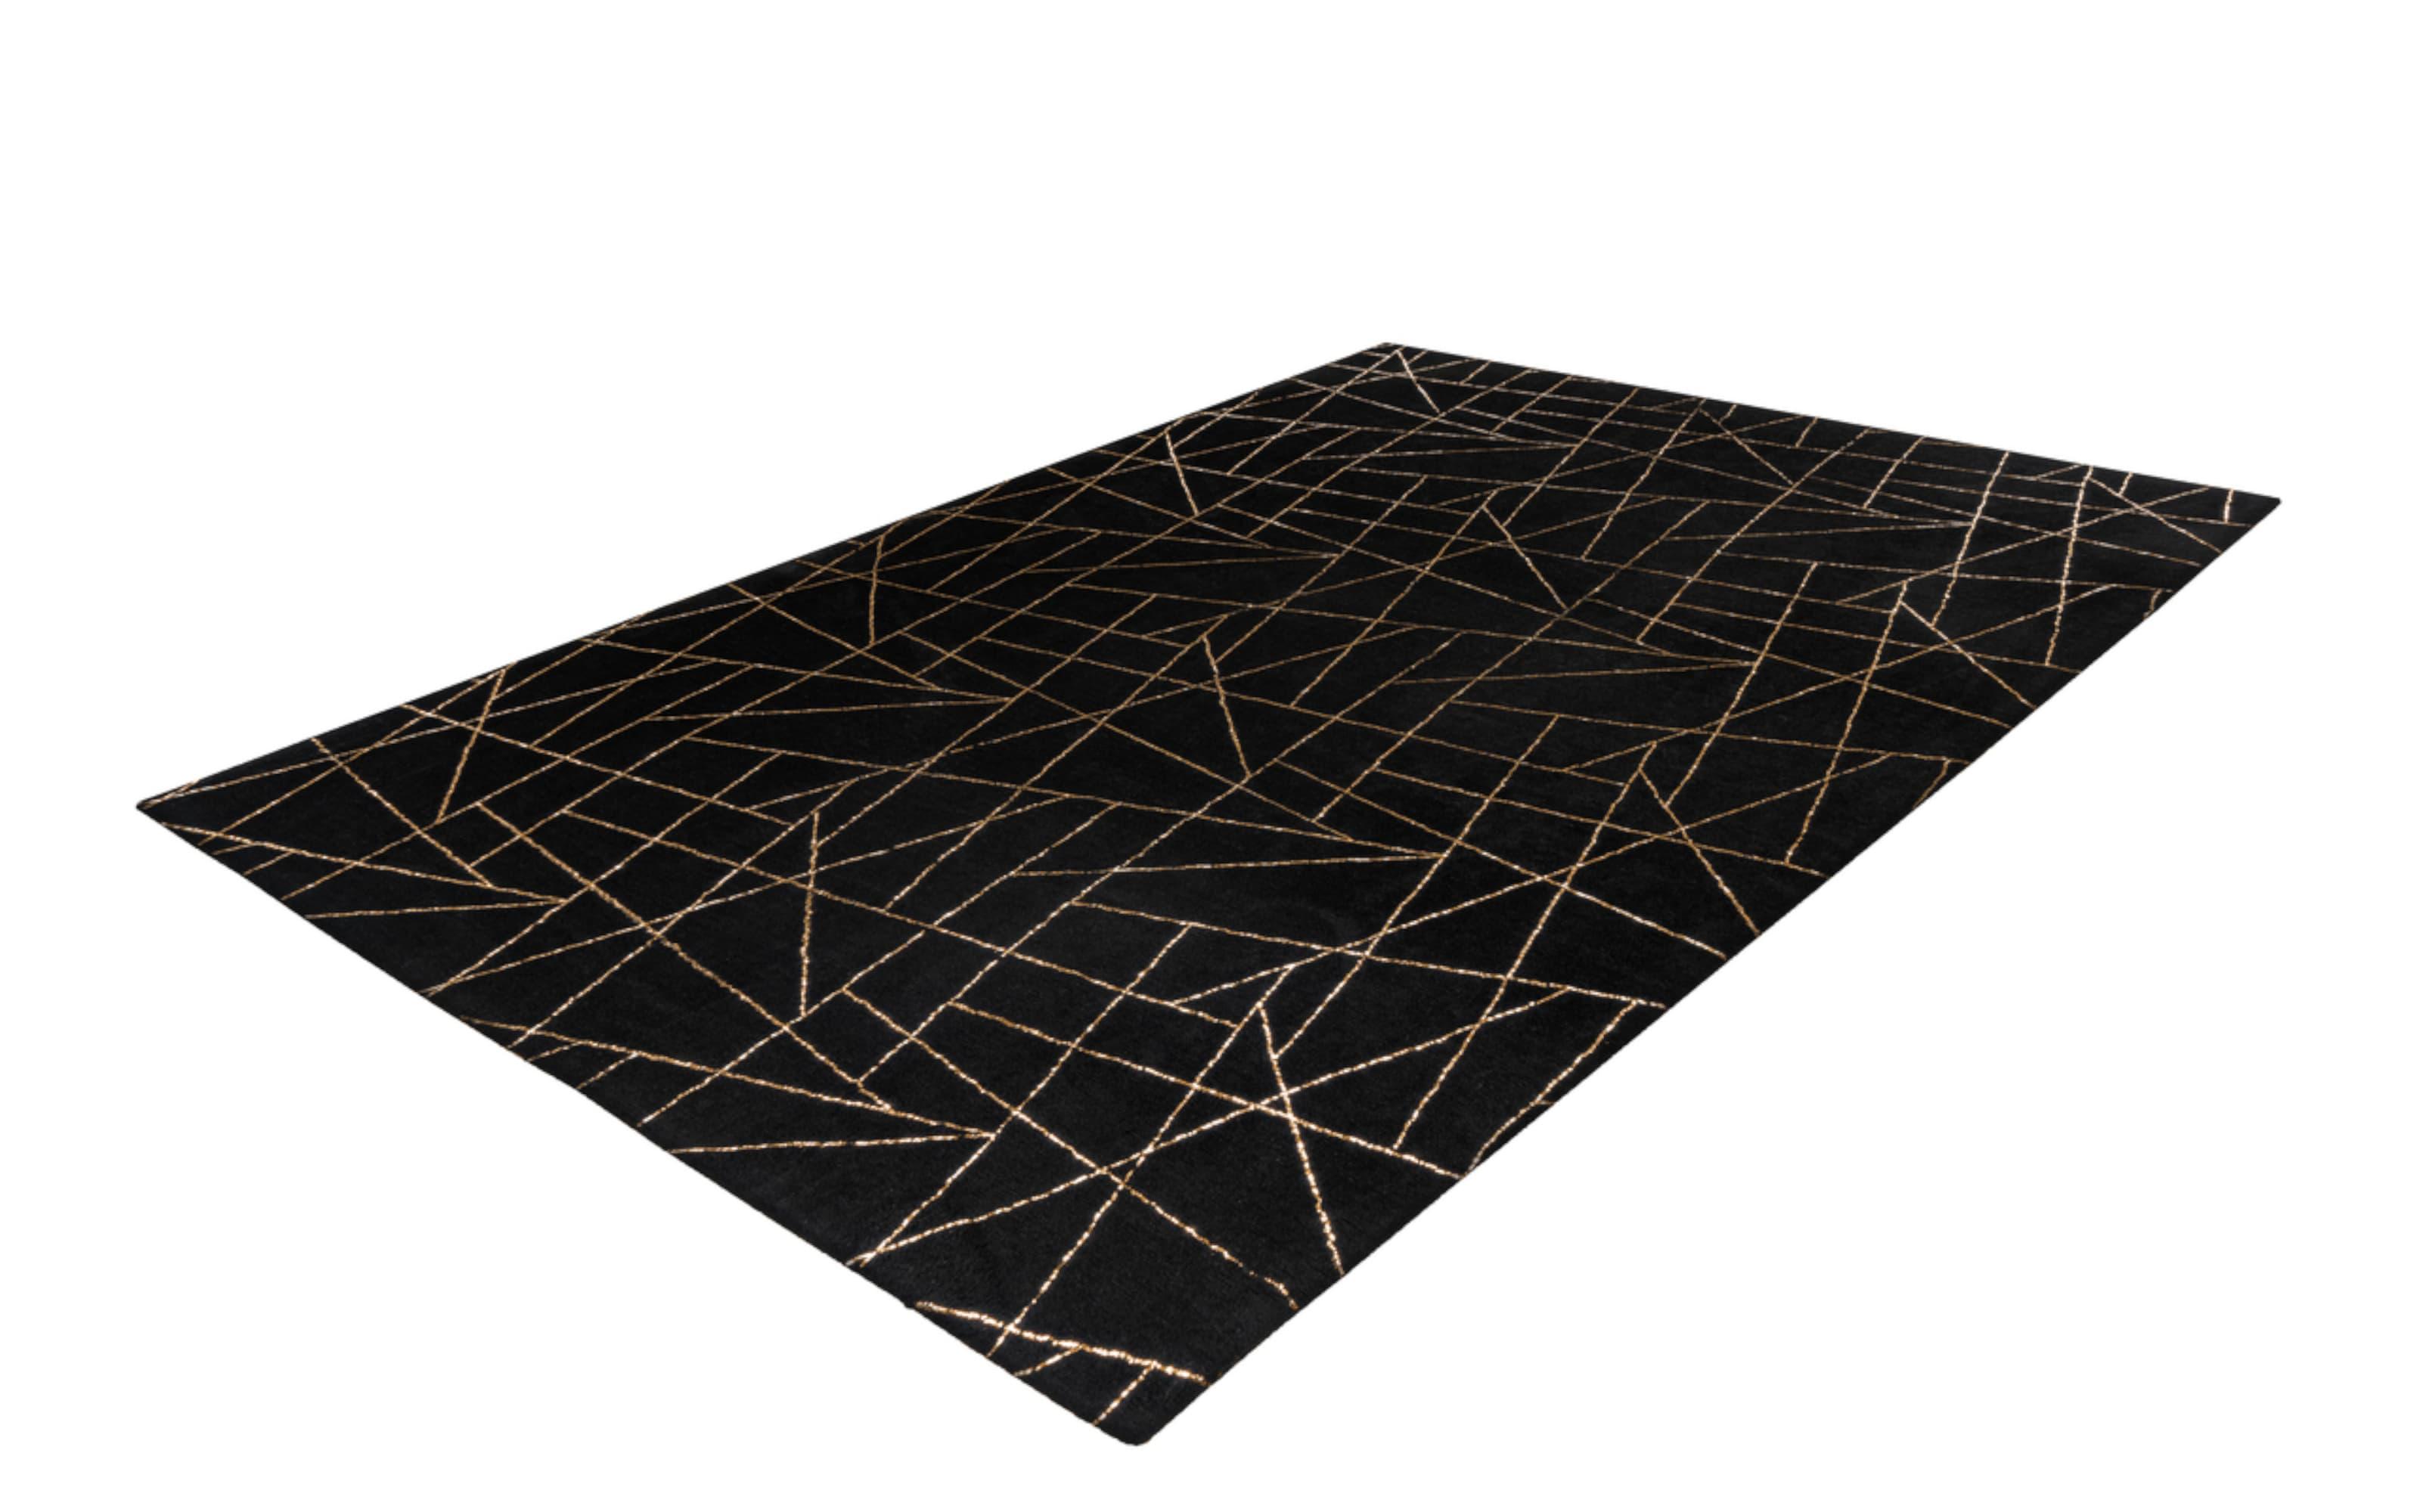 Teppich Bijou 125 in schwarz/gold, ca. 120 x 170 cm